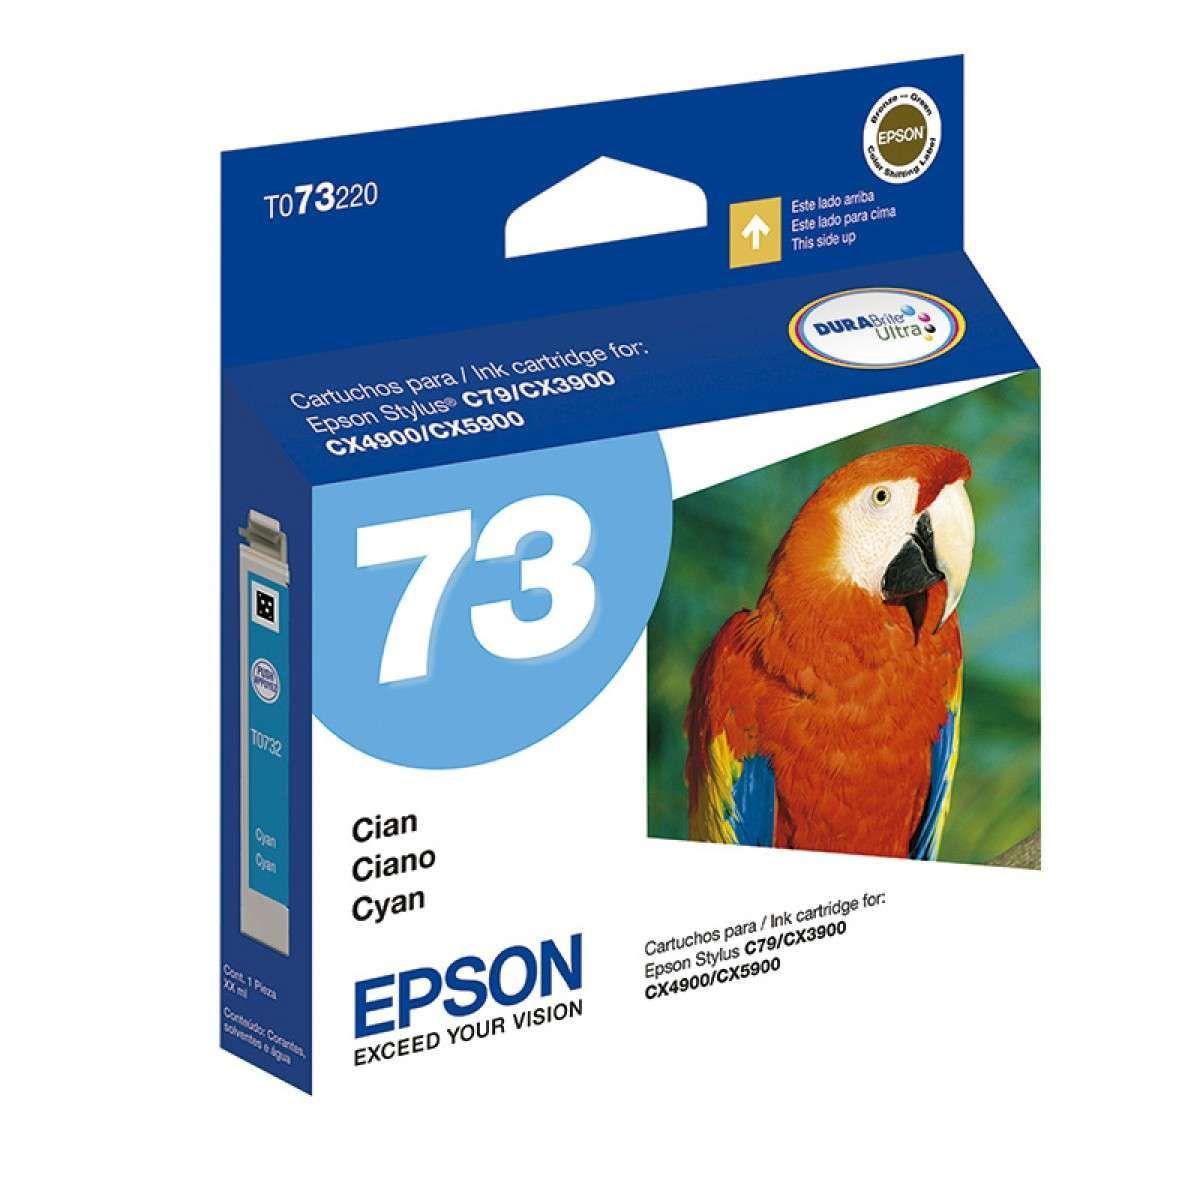 Cartucho de Tinta Epson TO73220-BR Ciano 5 ml